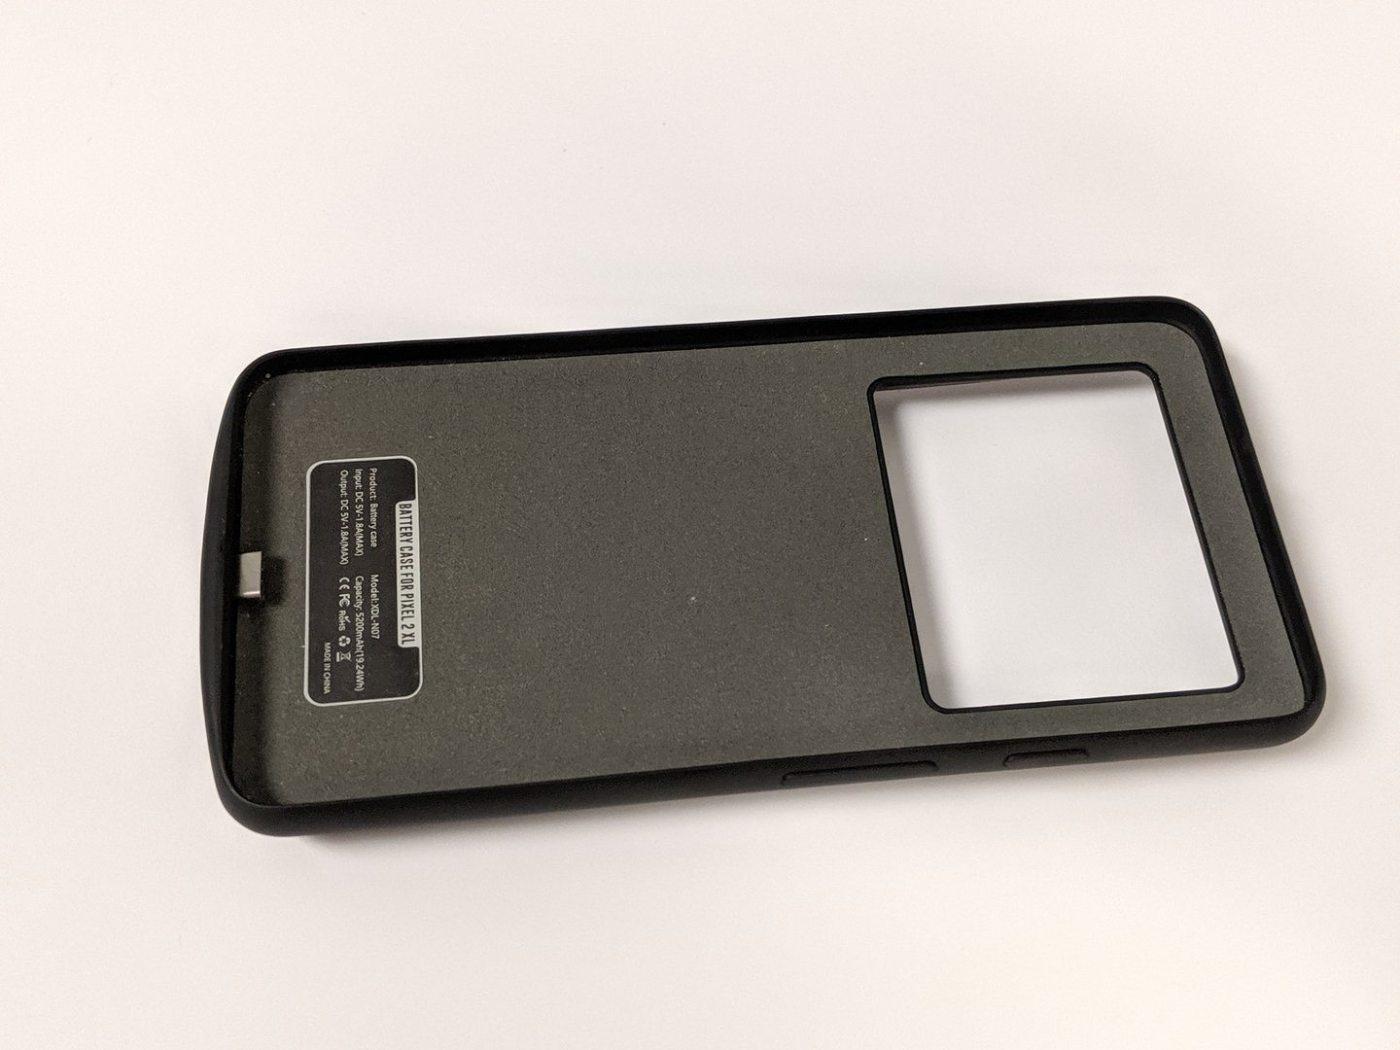 NEWDERY Pixel 2 XL Battery case 5200mAh